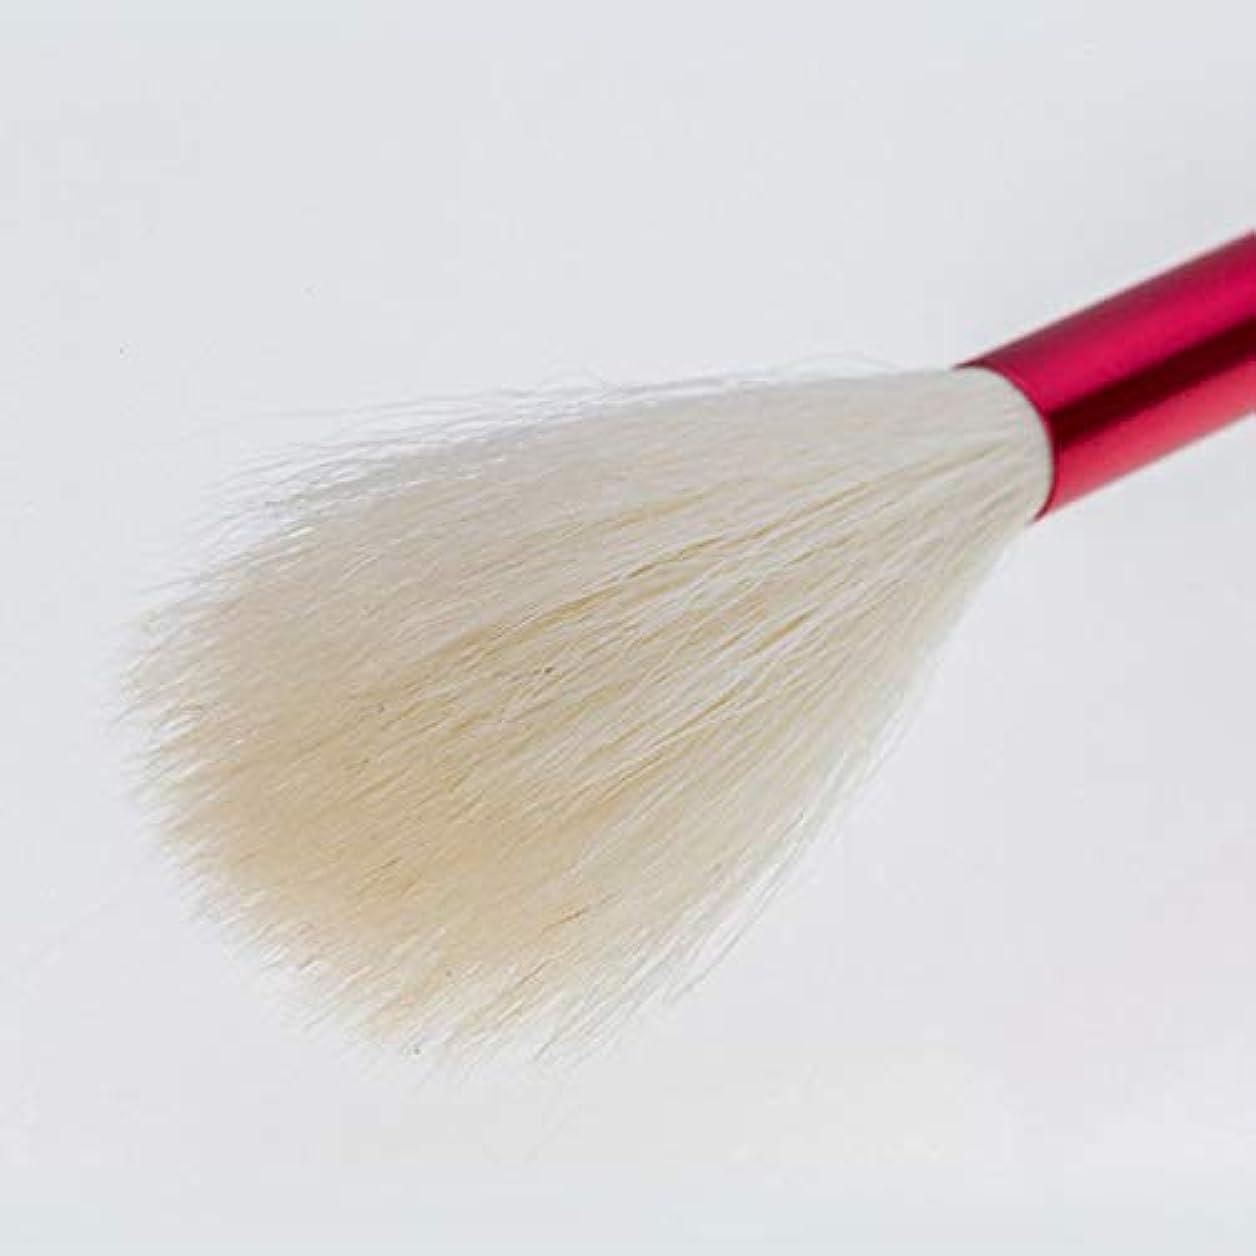 慢性的ヒューマニスティックトラクターリラックスブラシ 古羊毛 Feela(フィーラ)type-R〔全長(約):190mm〕【クローム】*